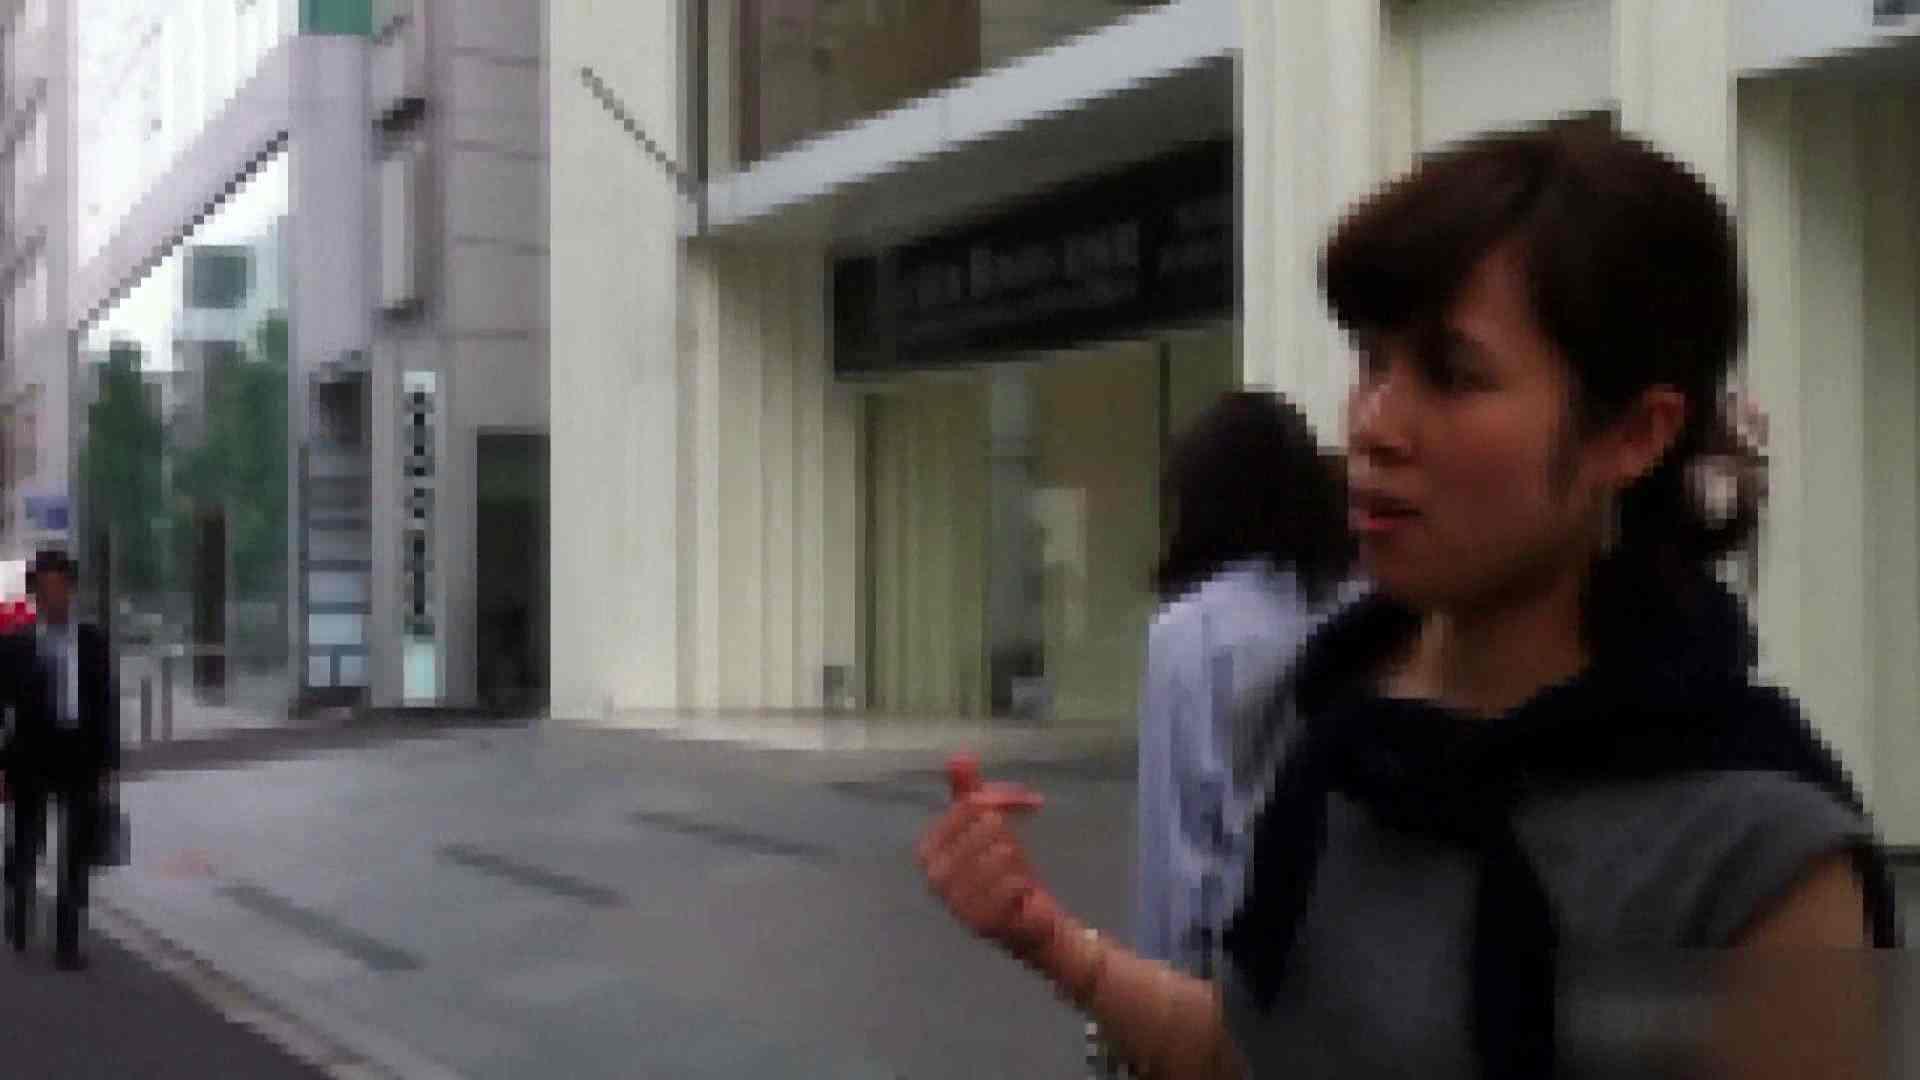 ガールズパンチラストリートビューVol.006 OL女体 オマンコ動画キャプチャ 65連発 6